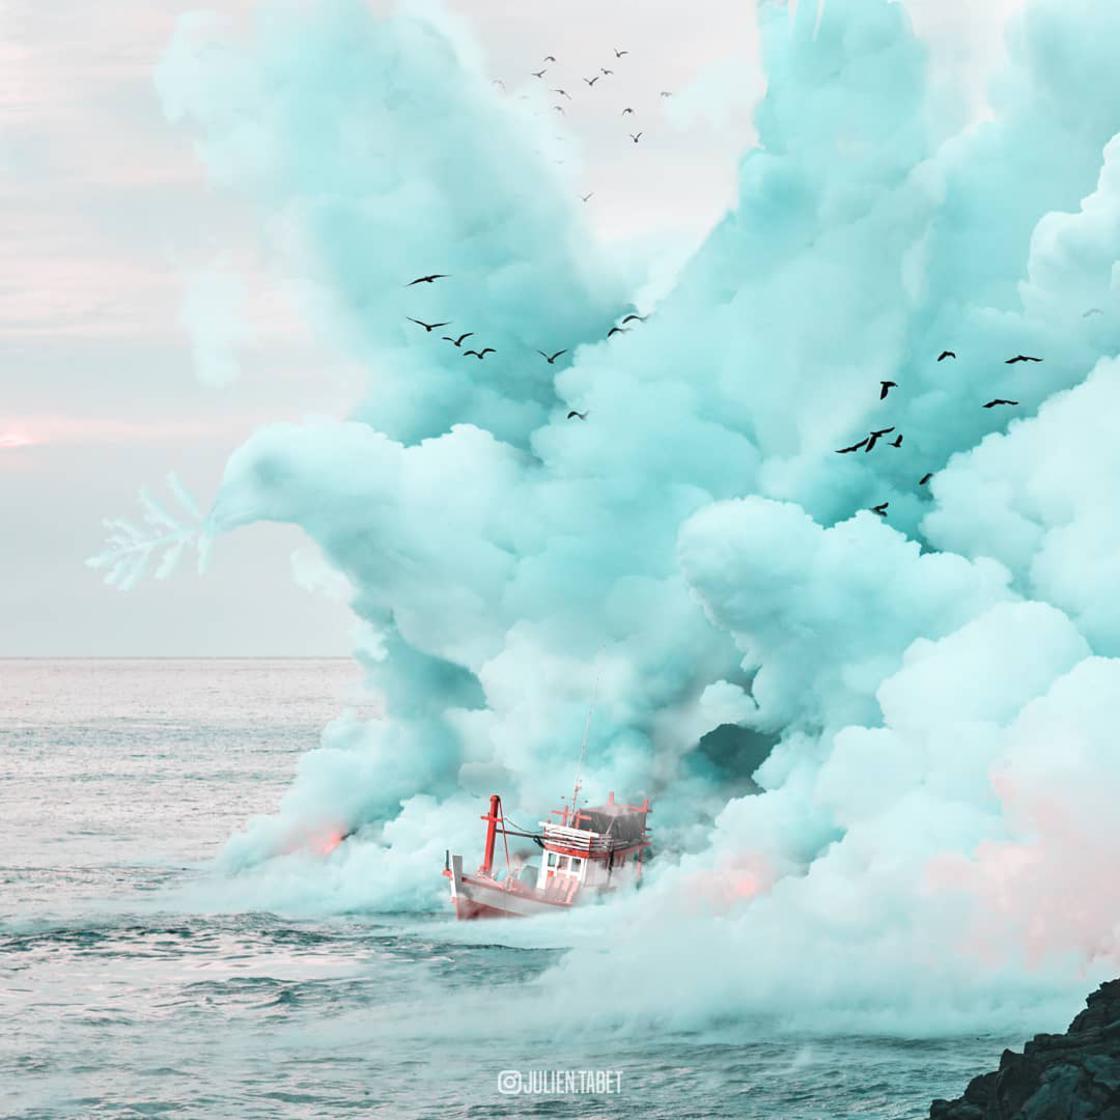 Le creazioni fantastiche di Julien Tabet | Collater.al 14